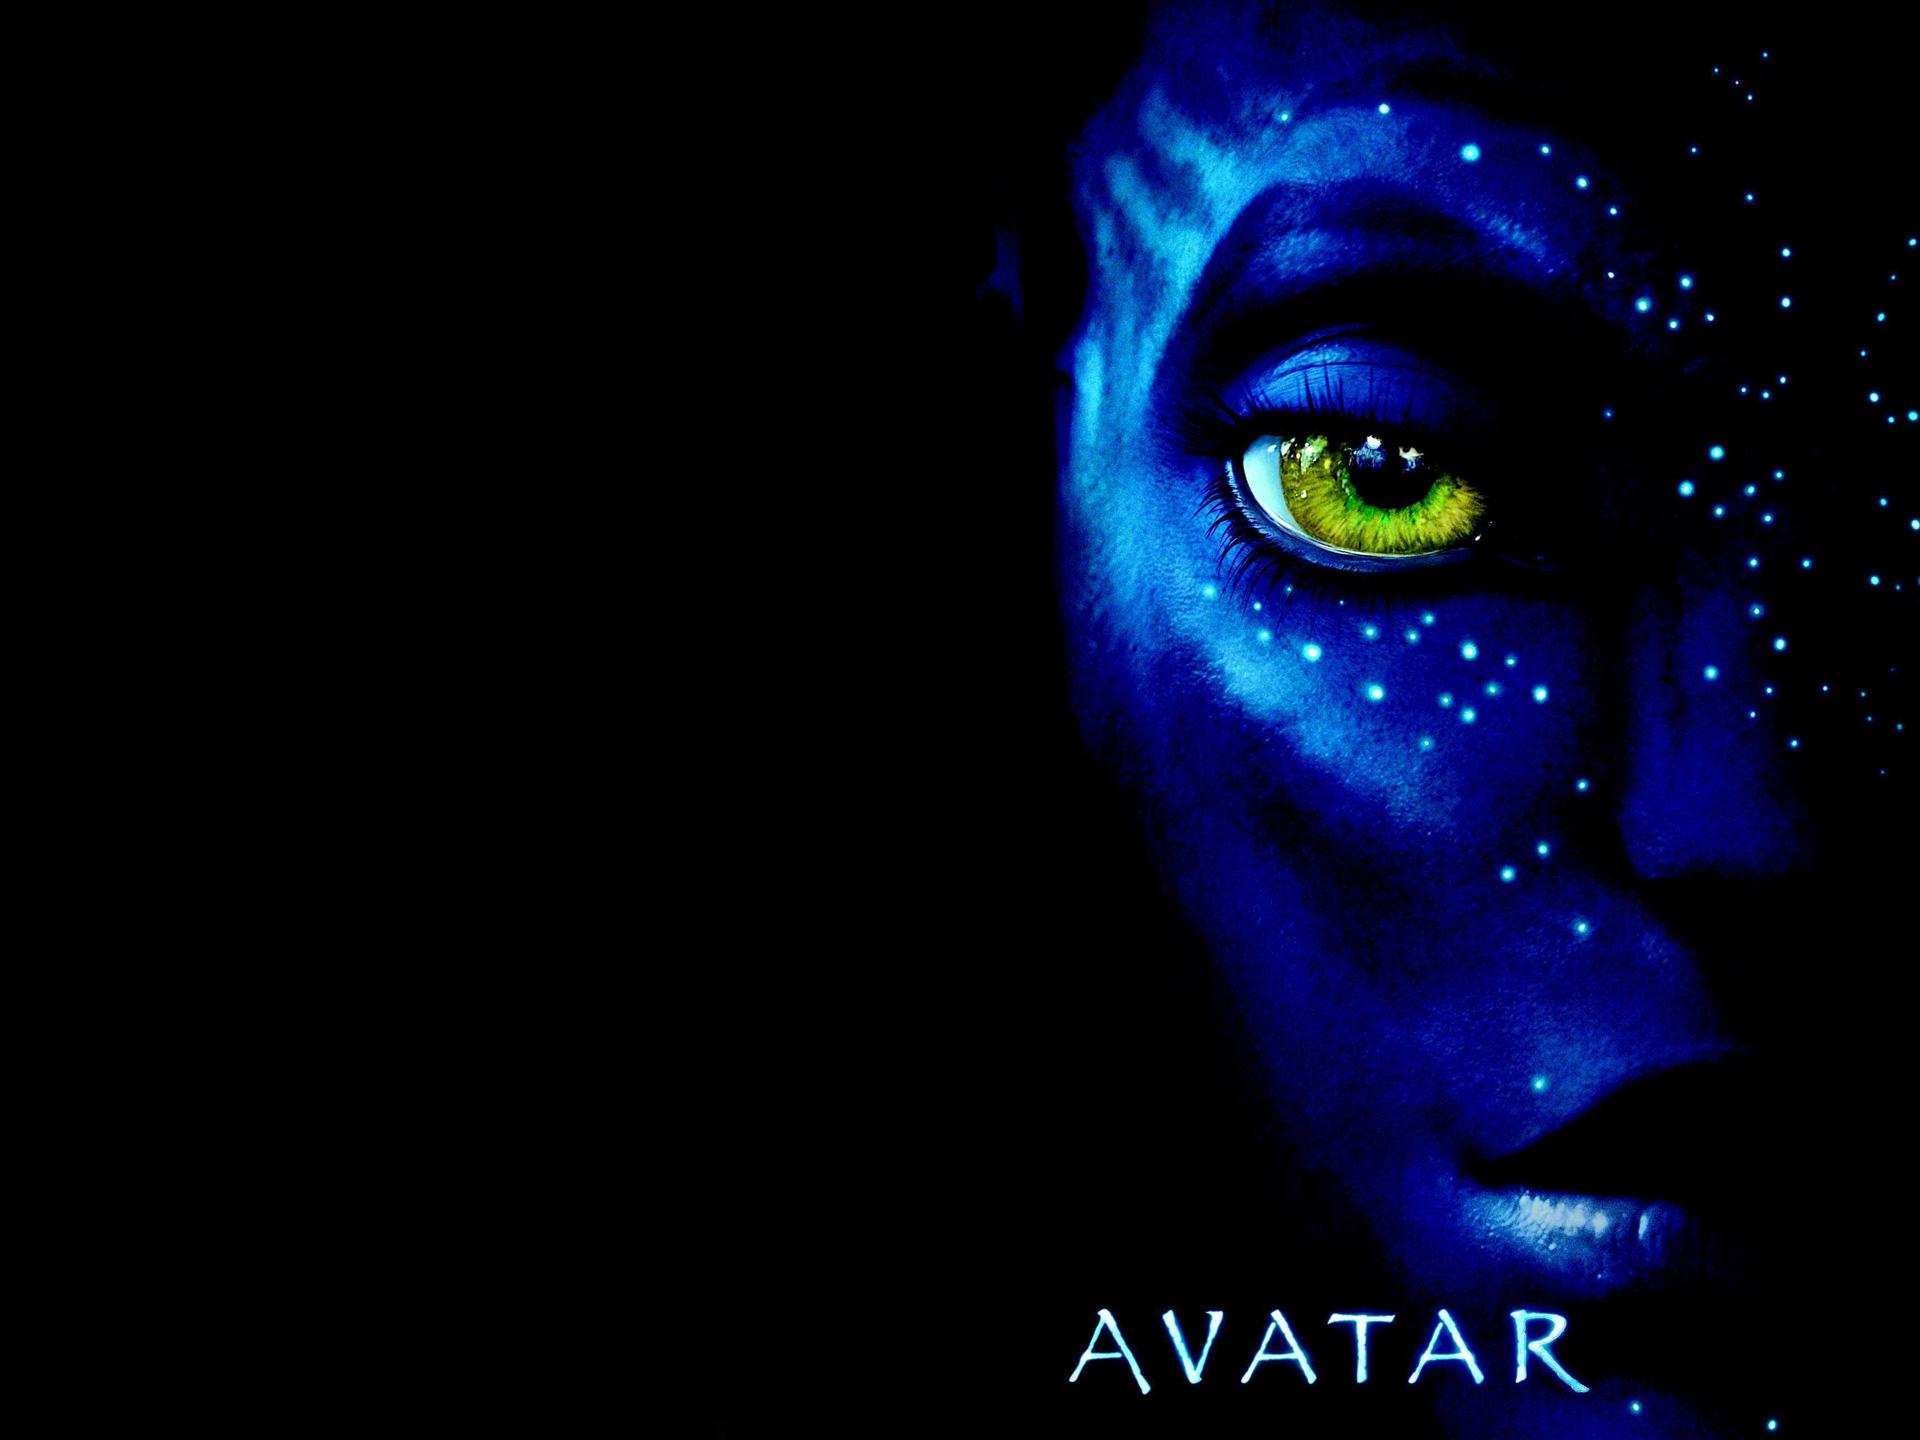 Breaking Bad Quotes Wallpaper Free Download Avatar Wallpapers Pixelstalk Net